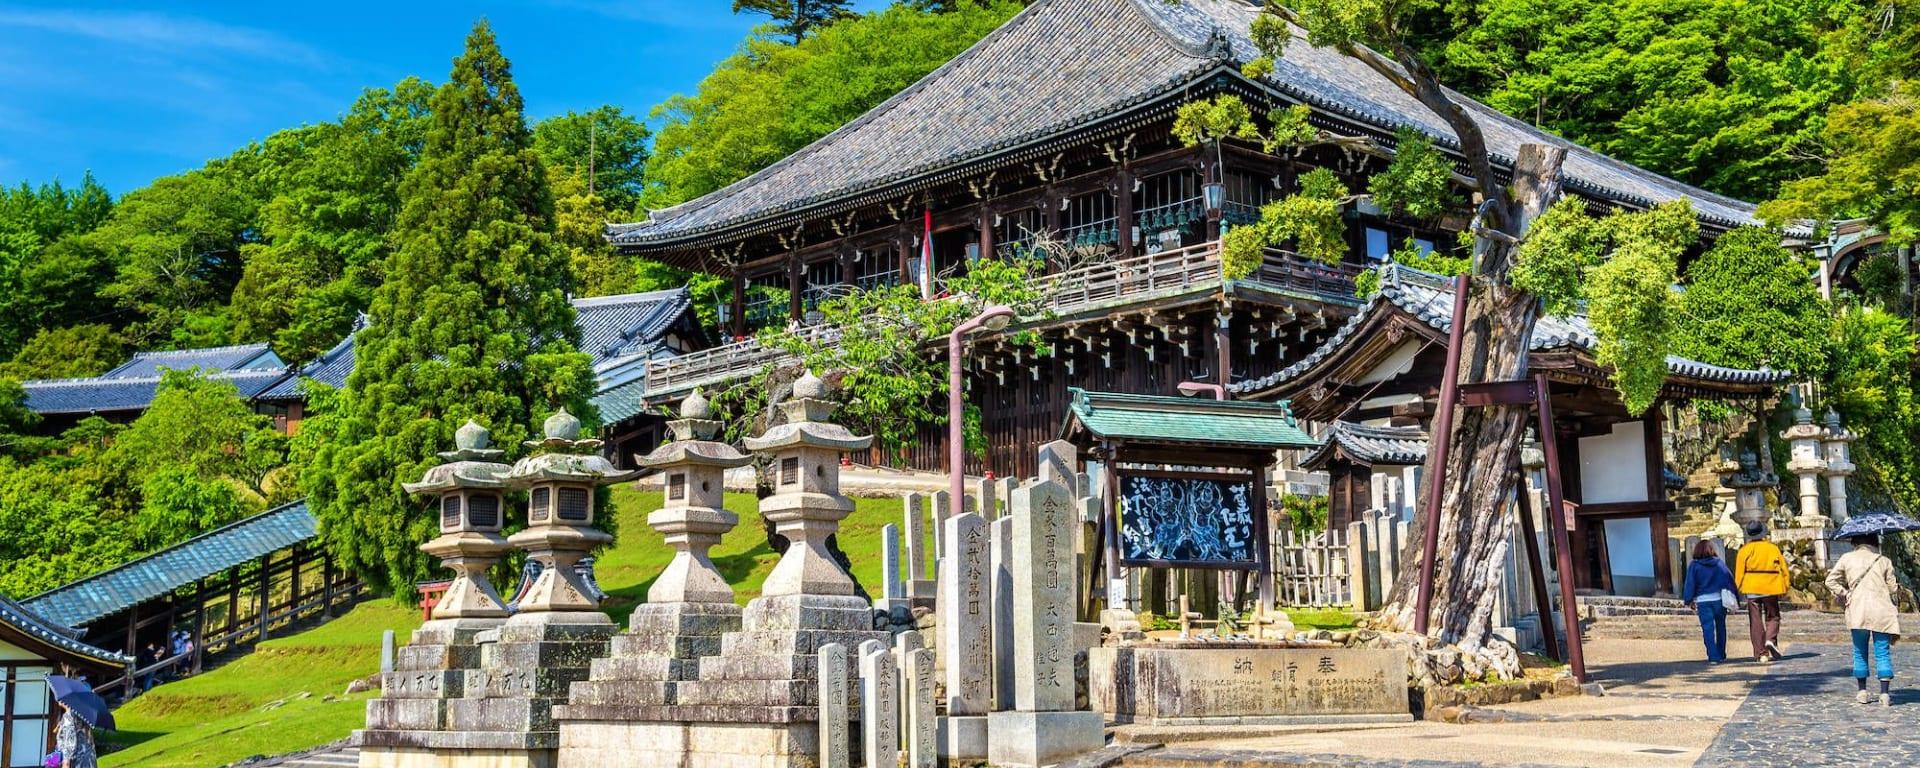 Le Japon sur de nouveaux chemins avec prolongation de Osaka: Nara Todaiji Temple Nigatsu-do